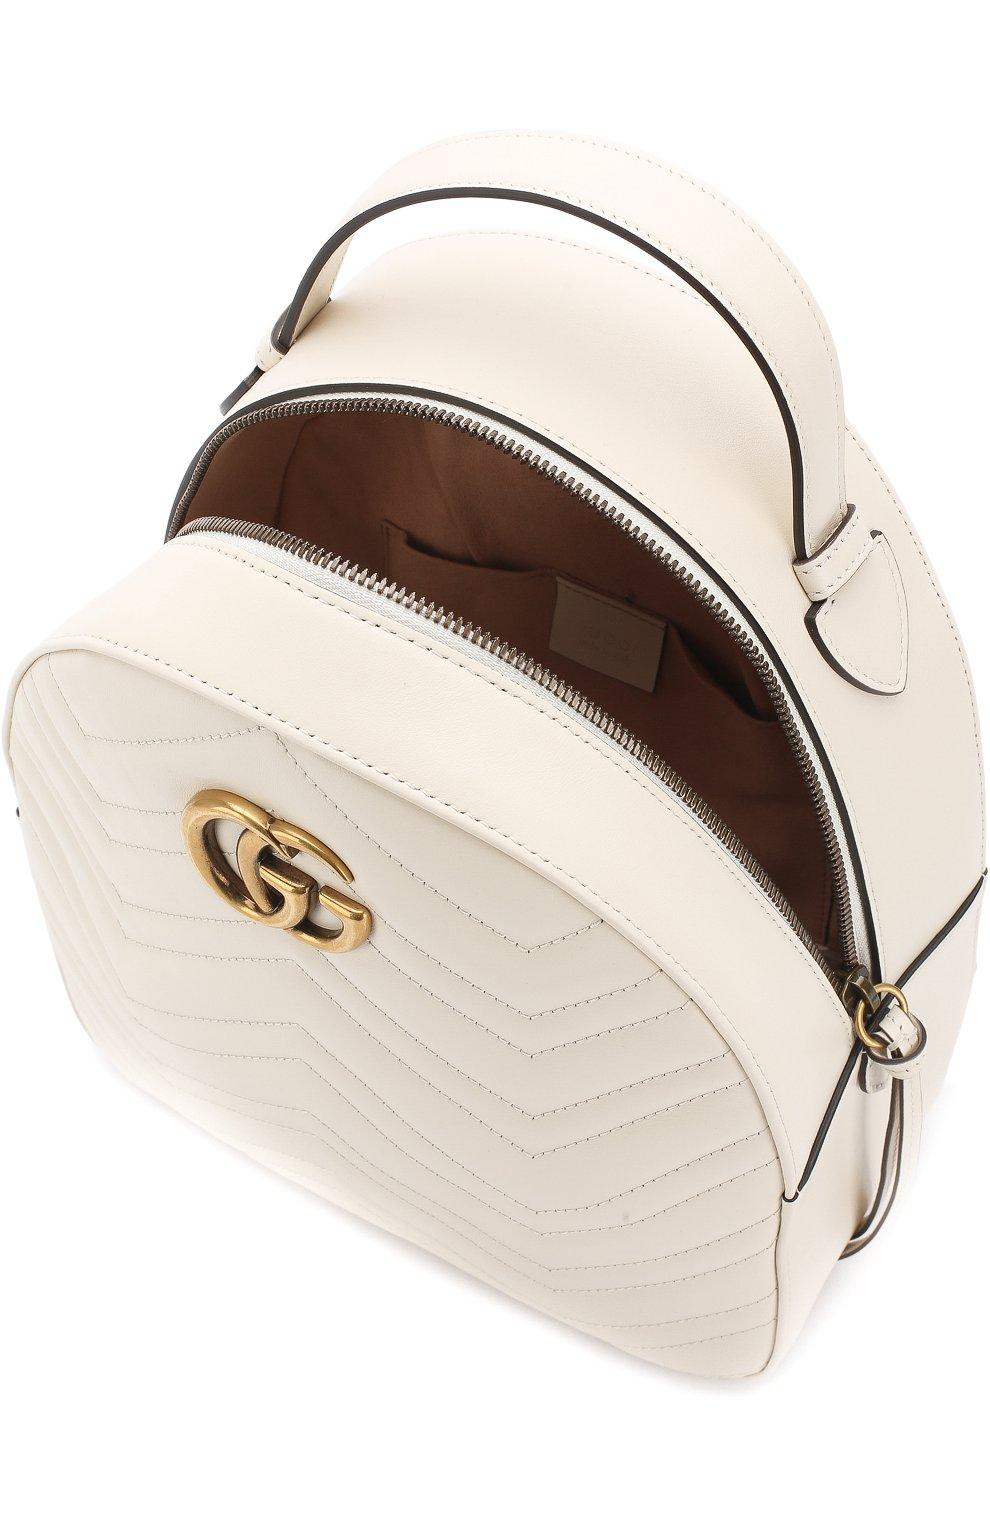 Рюкзак GG Marmont | Фото №4